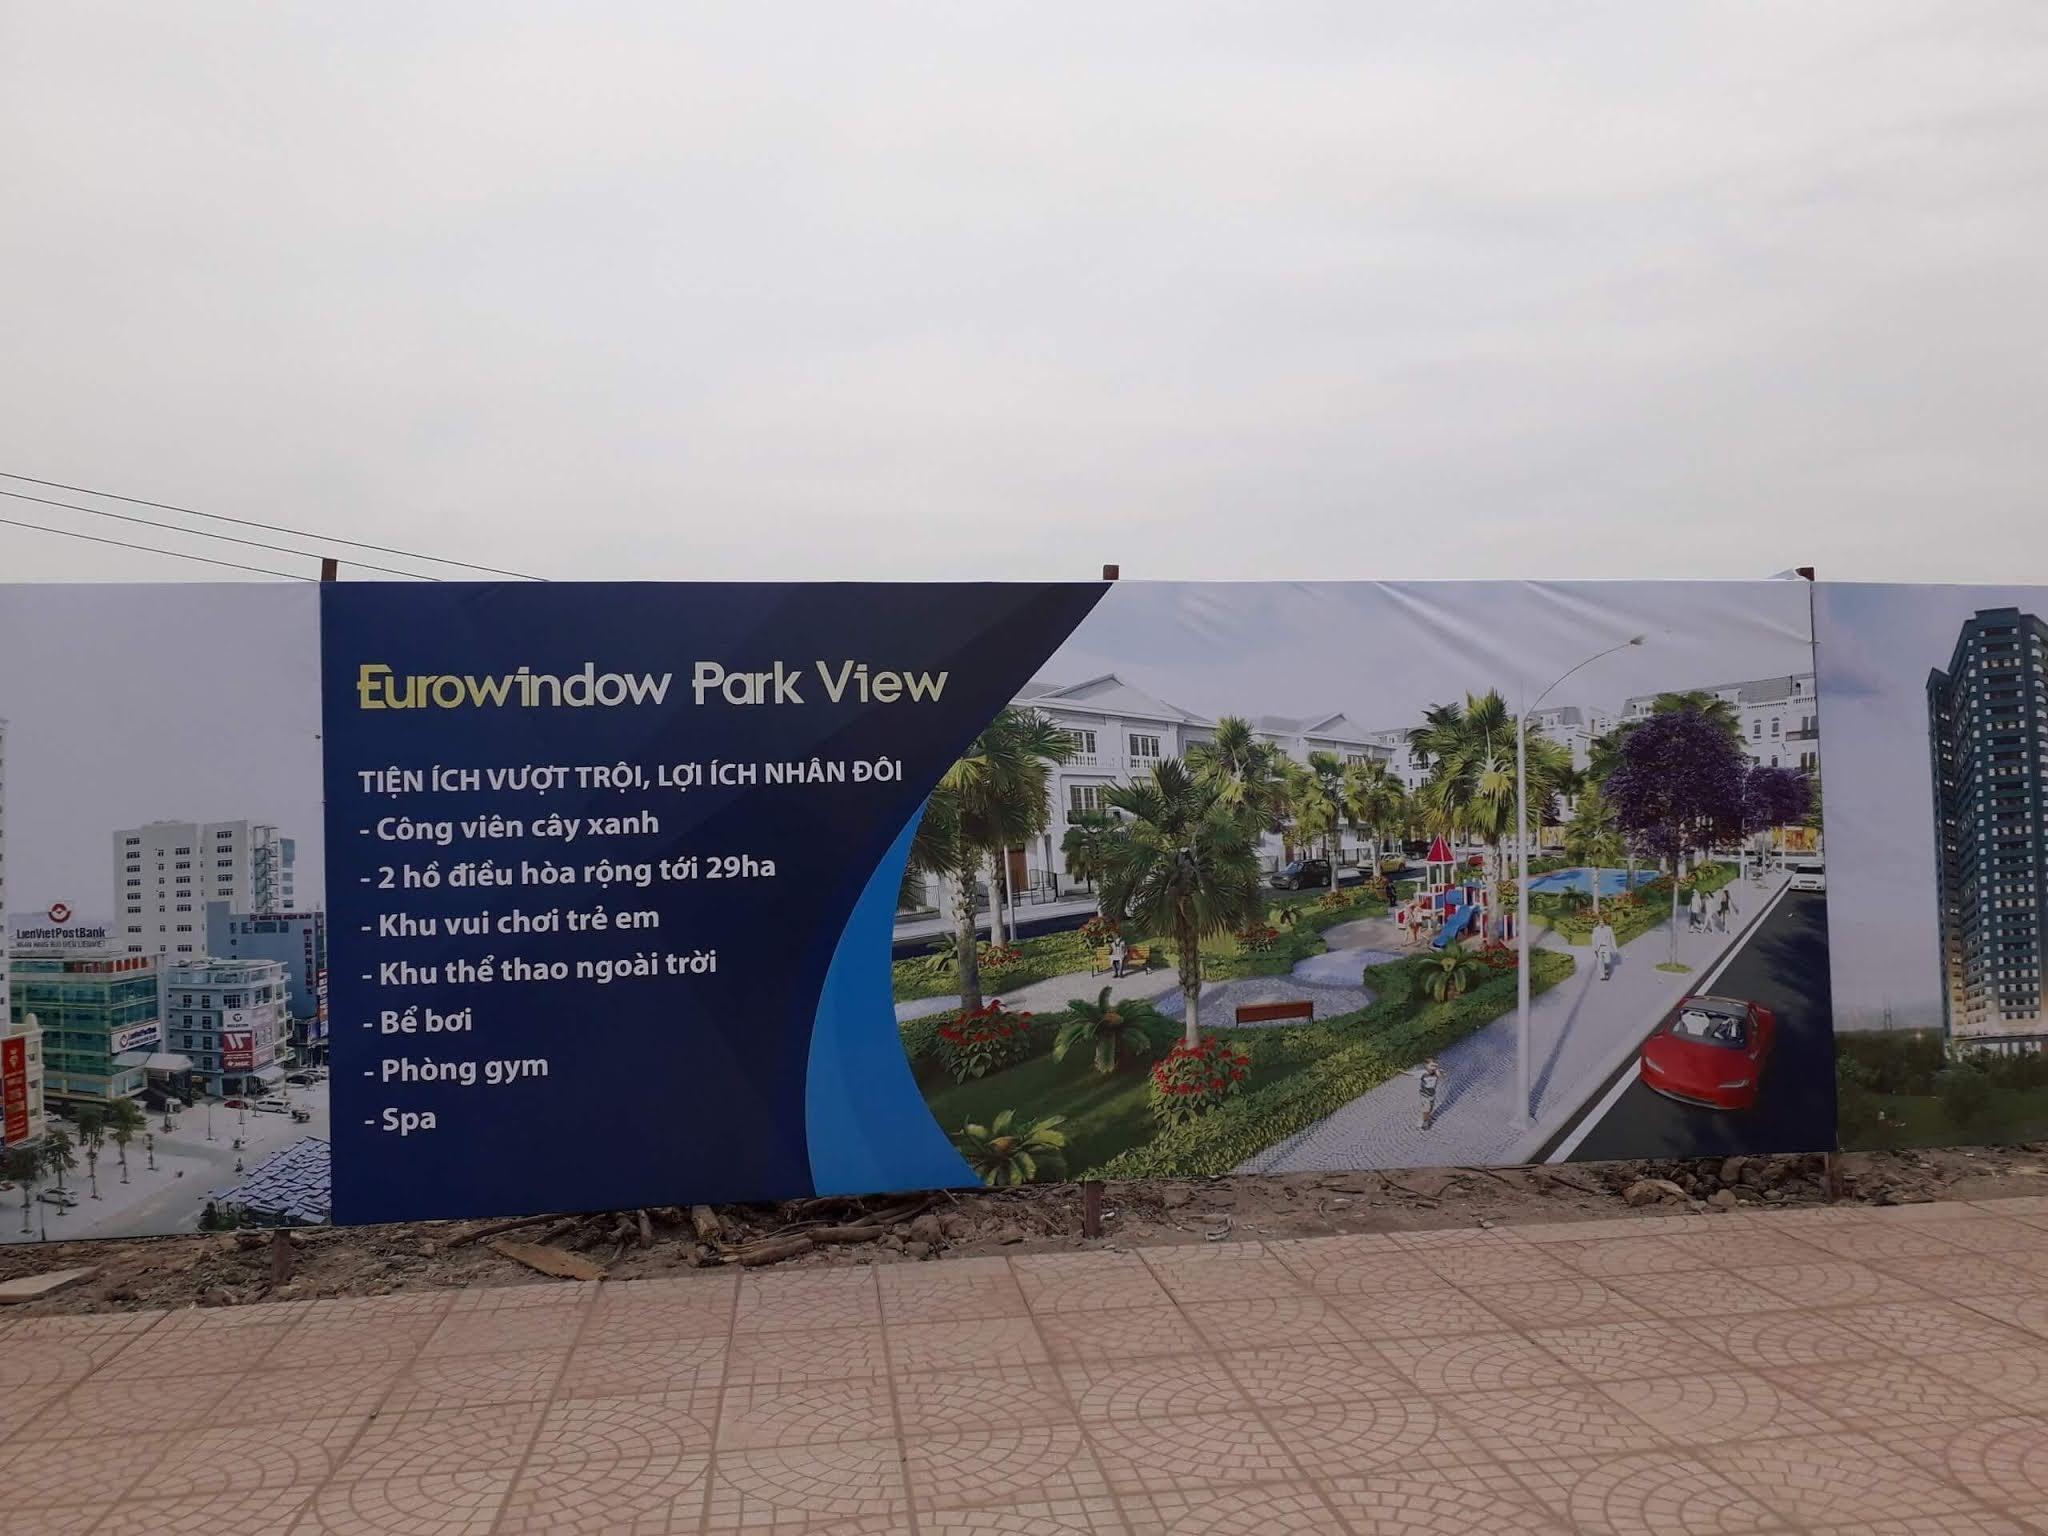 Eurowindow Park View Trâu Quỳ Gia Lâm.